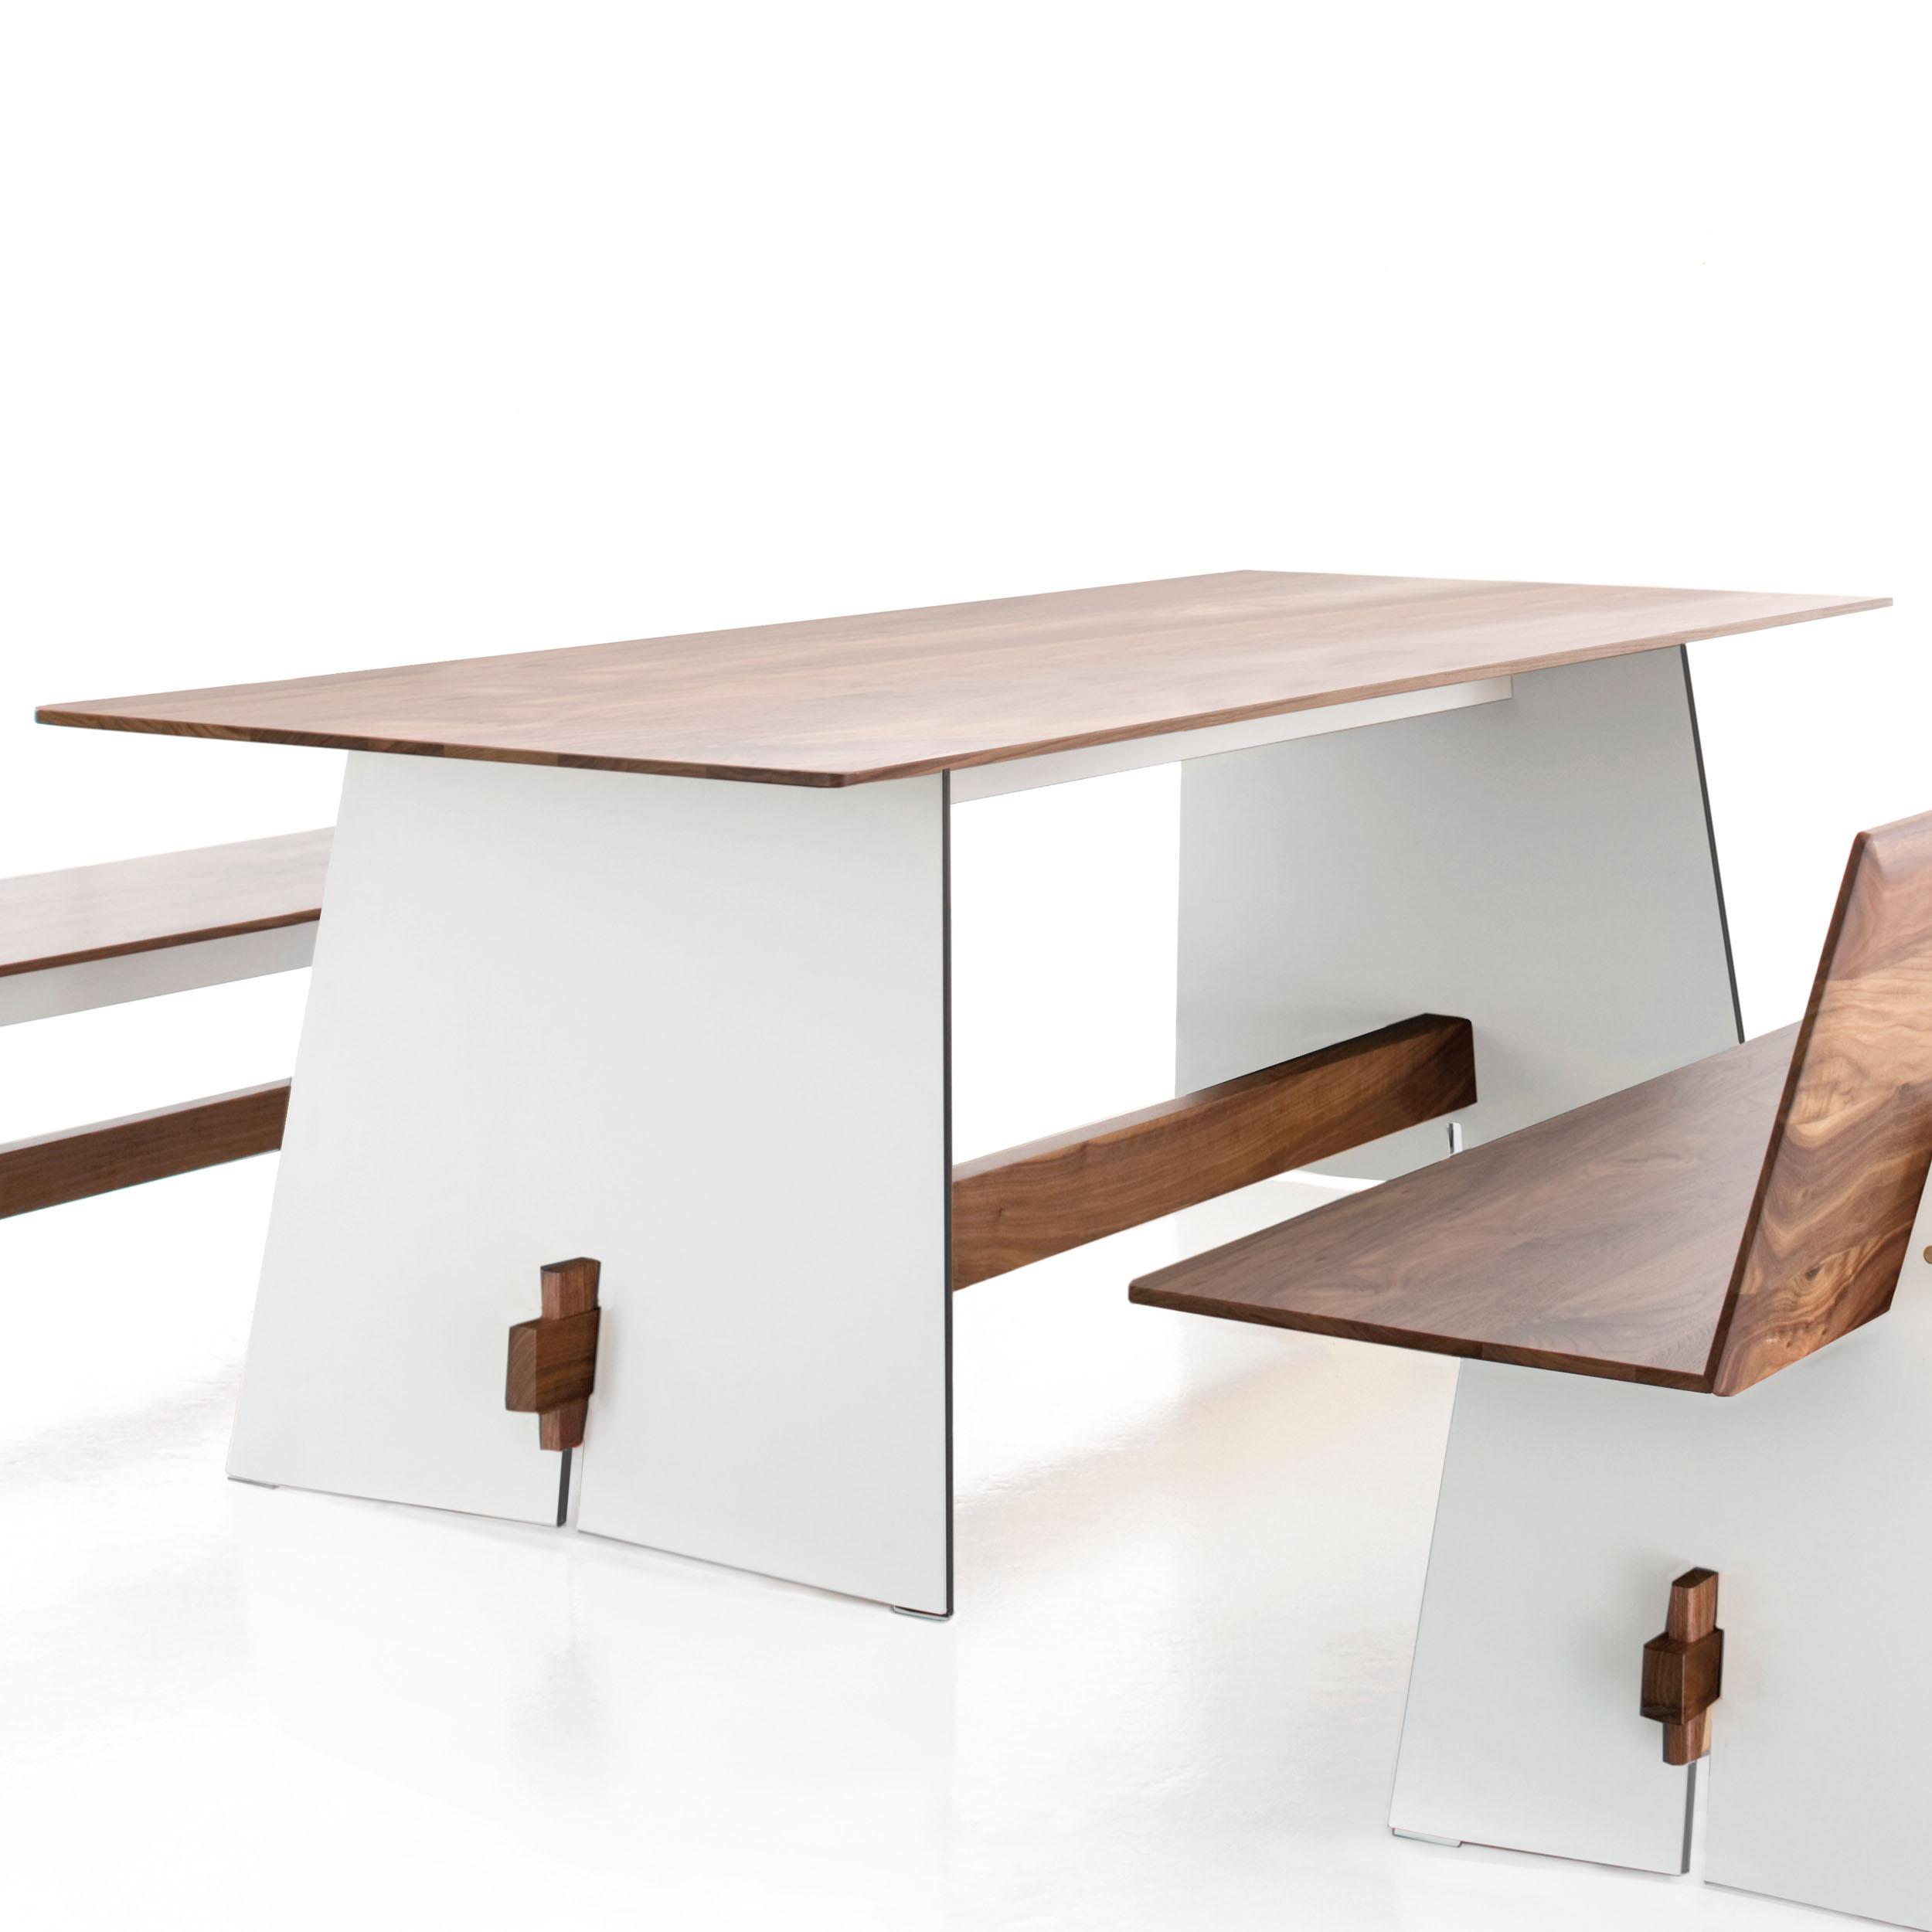 Tension Wood Tisch HPL Nussbaum